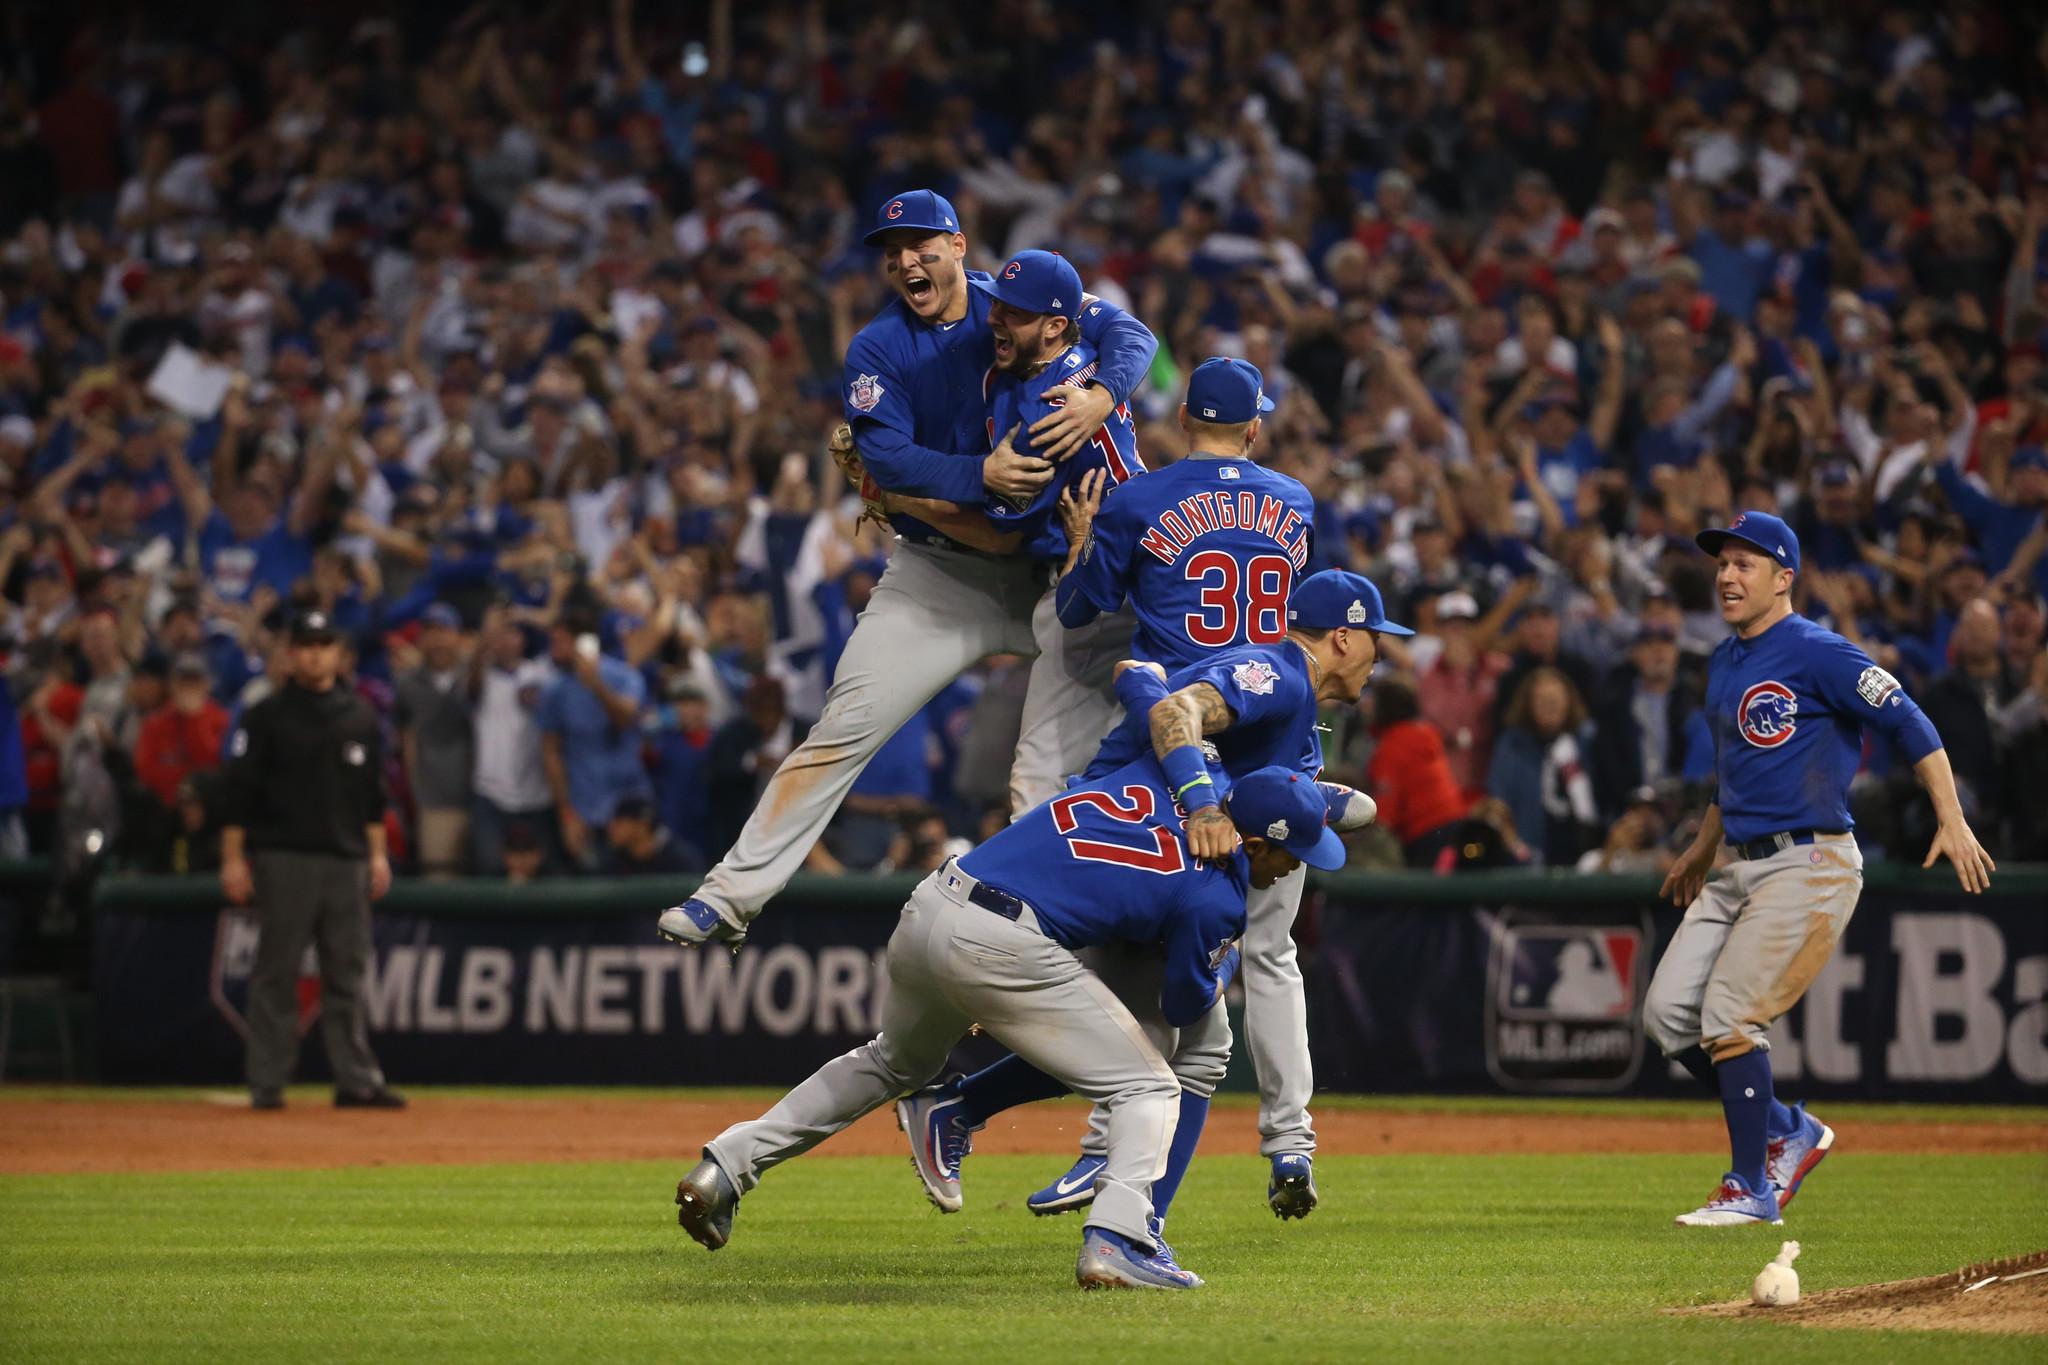 eafe4fa25fa Cubs win World Series Game 7